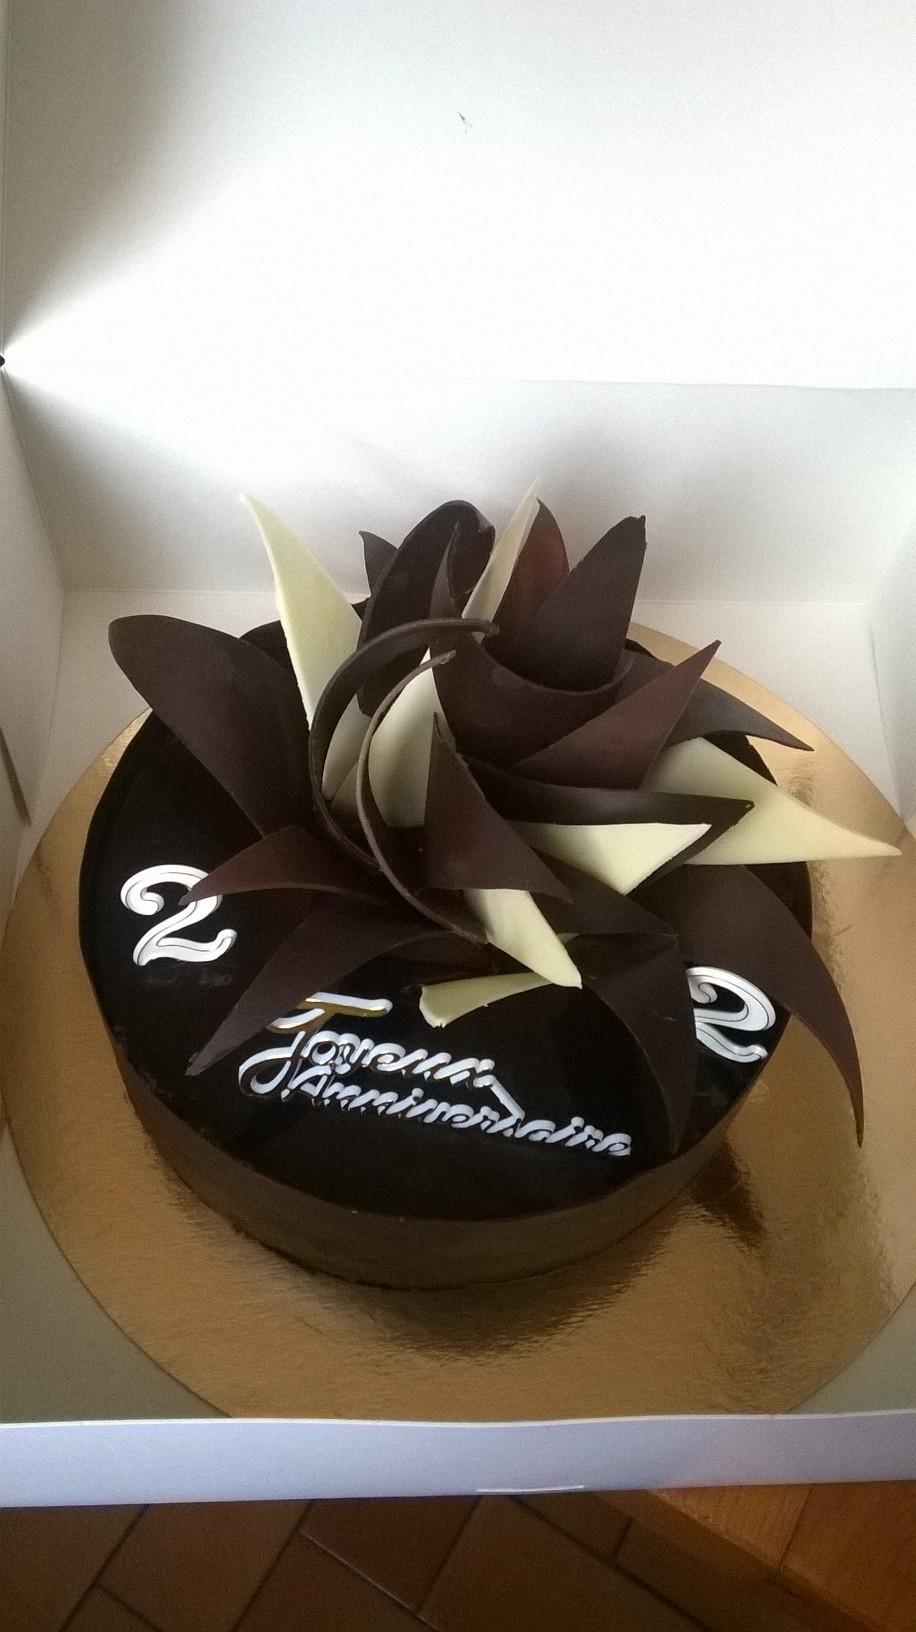 Décors chocolat noir, lait, blanc